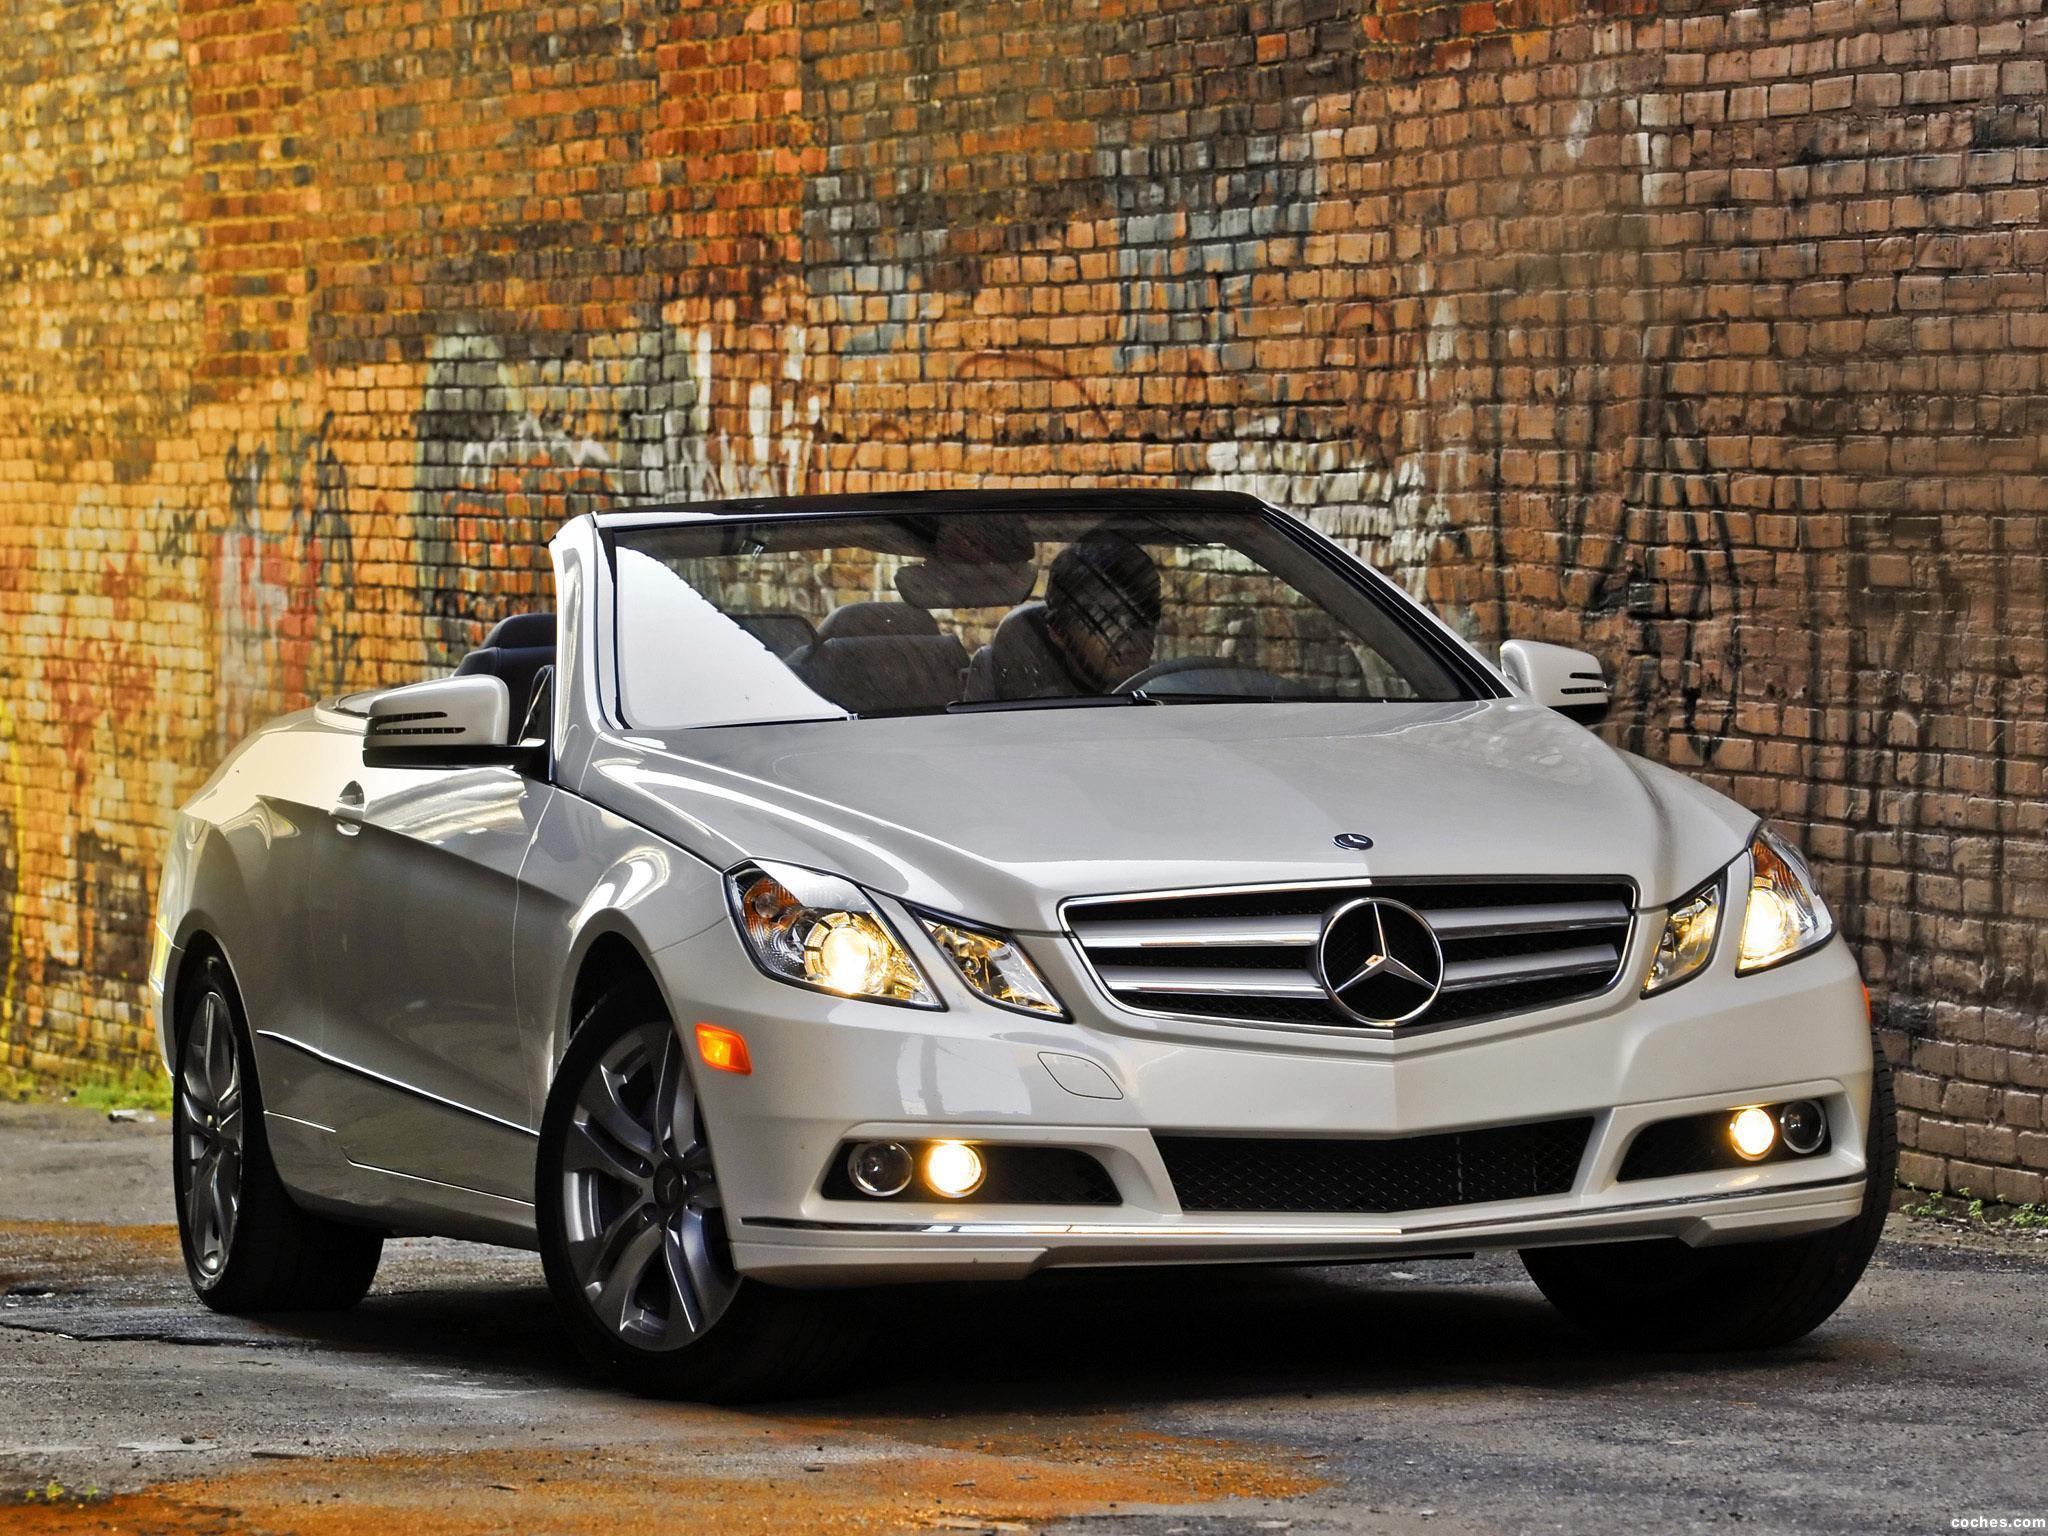 fotos de mercedes clase e cabrio e350 usa a207 2010 foto 4. Black Bedroom Furniture Sets. Home Design Ideas